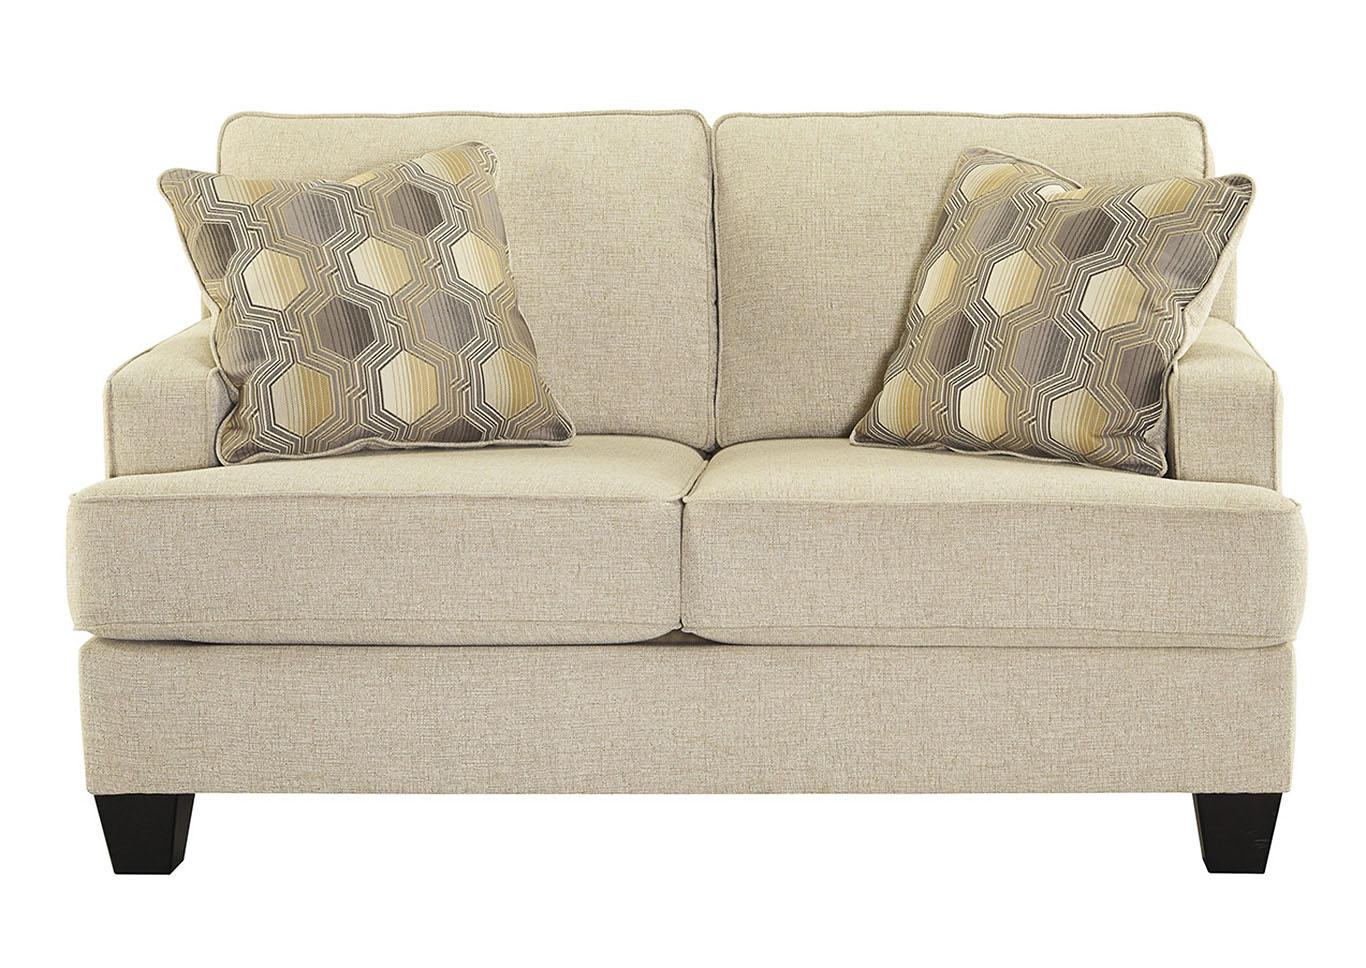 Bargain Furniture Brielyn Linen Loveseat